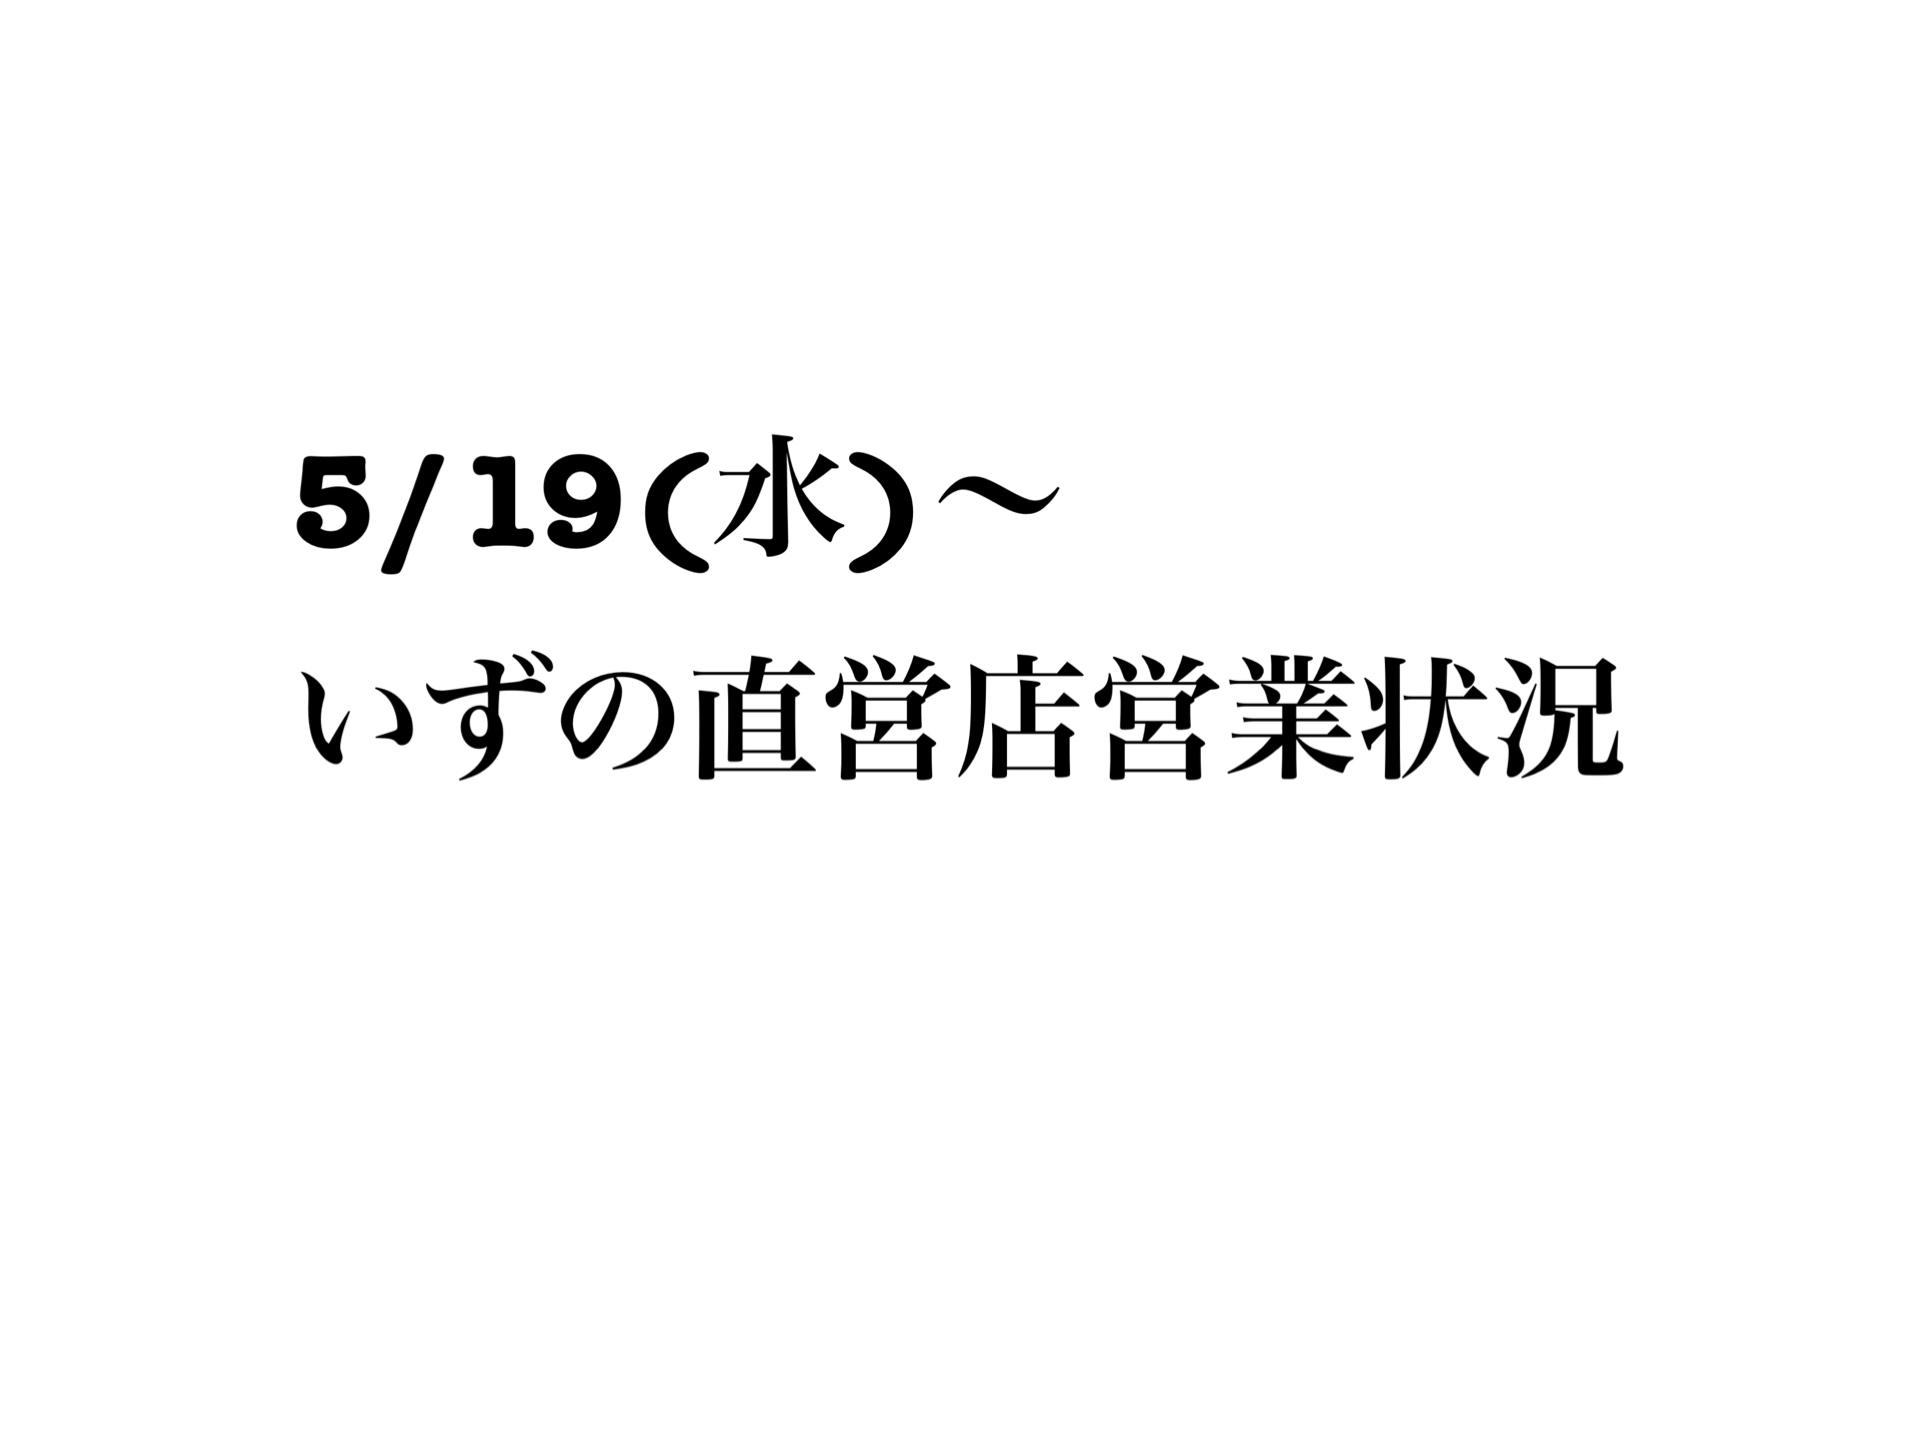 5月19日(水)〜5月31日(月) いずの直営店営業状況